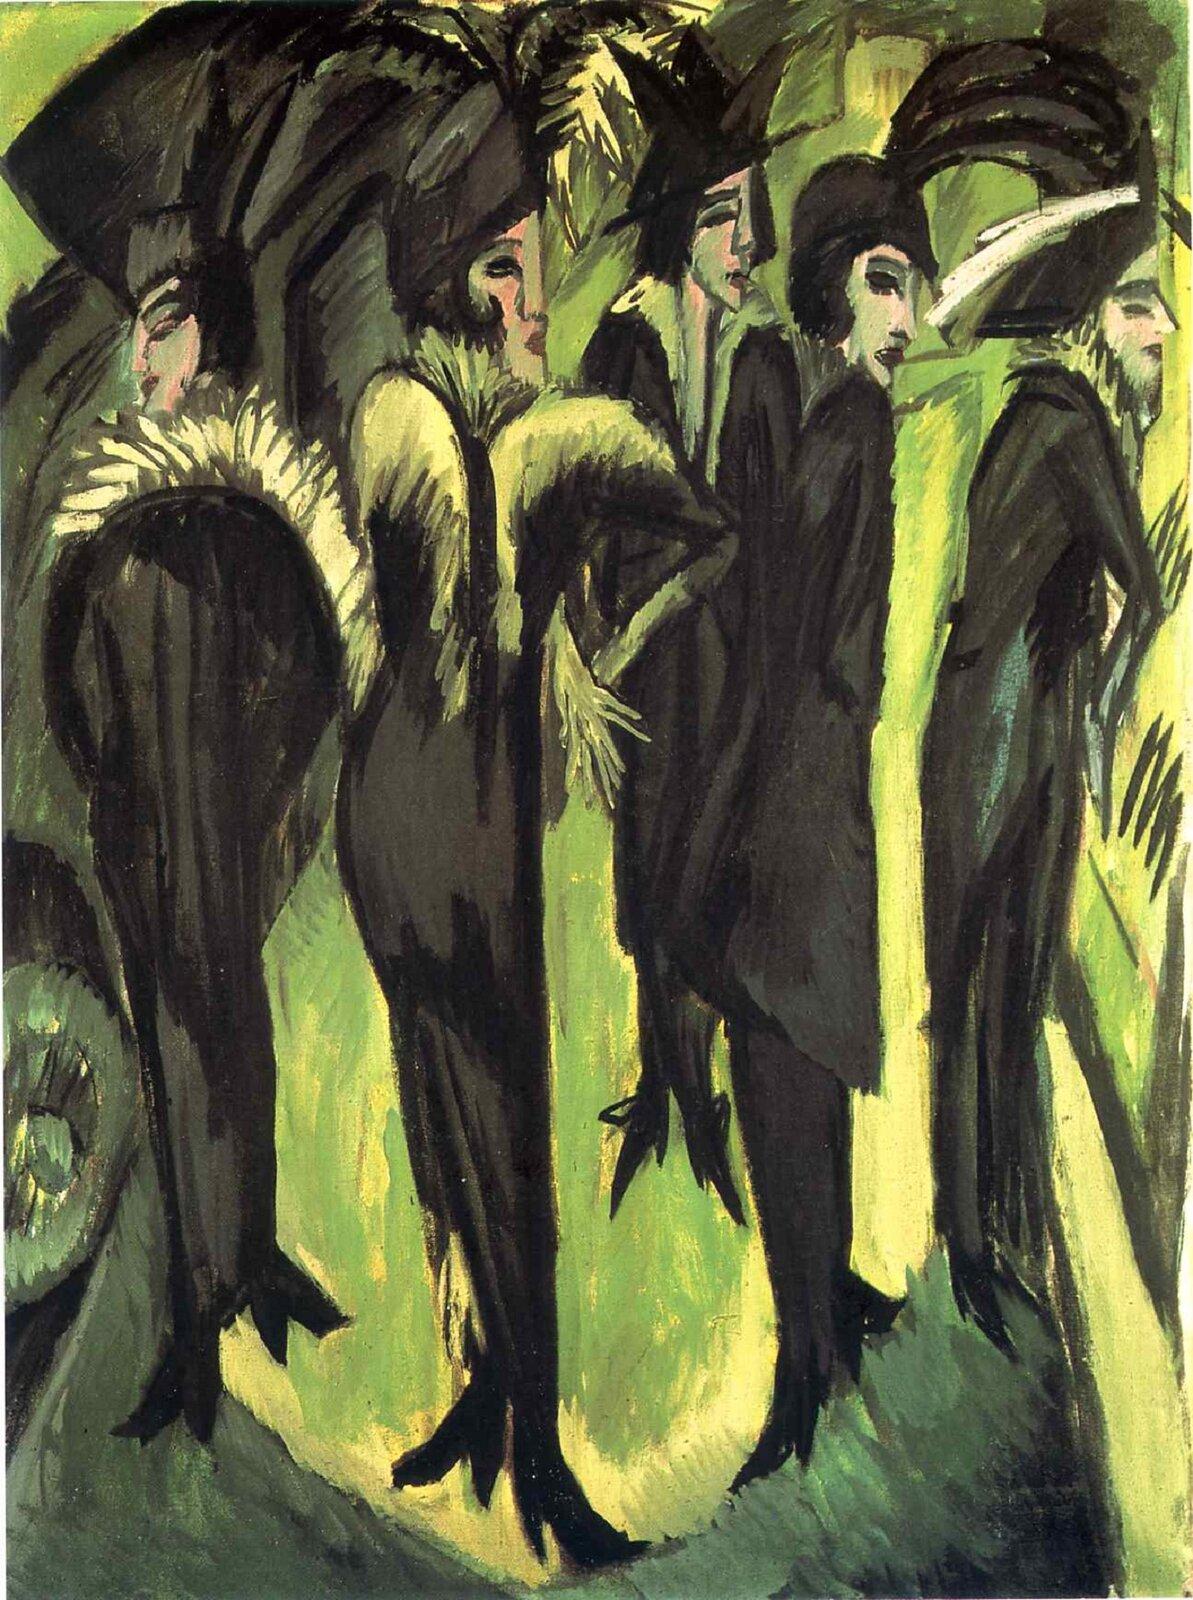 """Ilustracja przedstawia obraz Ernsta Ludwiga Kirchnera pt. """"Pięć kobiet na ulicy"""". Dzieło przedstawia pięć kobiet wczarnych płaszczach zbiałym futrem iczarnych kapeluszach. Ich twarze są szpiczaste, atło maja odcienie żółci izieleni. Nastrój tego obrazu jest poważny iwyniosły. Dzieło ma małą gamę kolorów."""